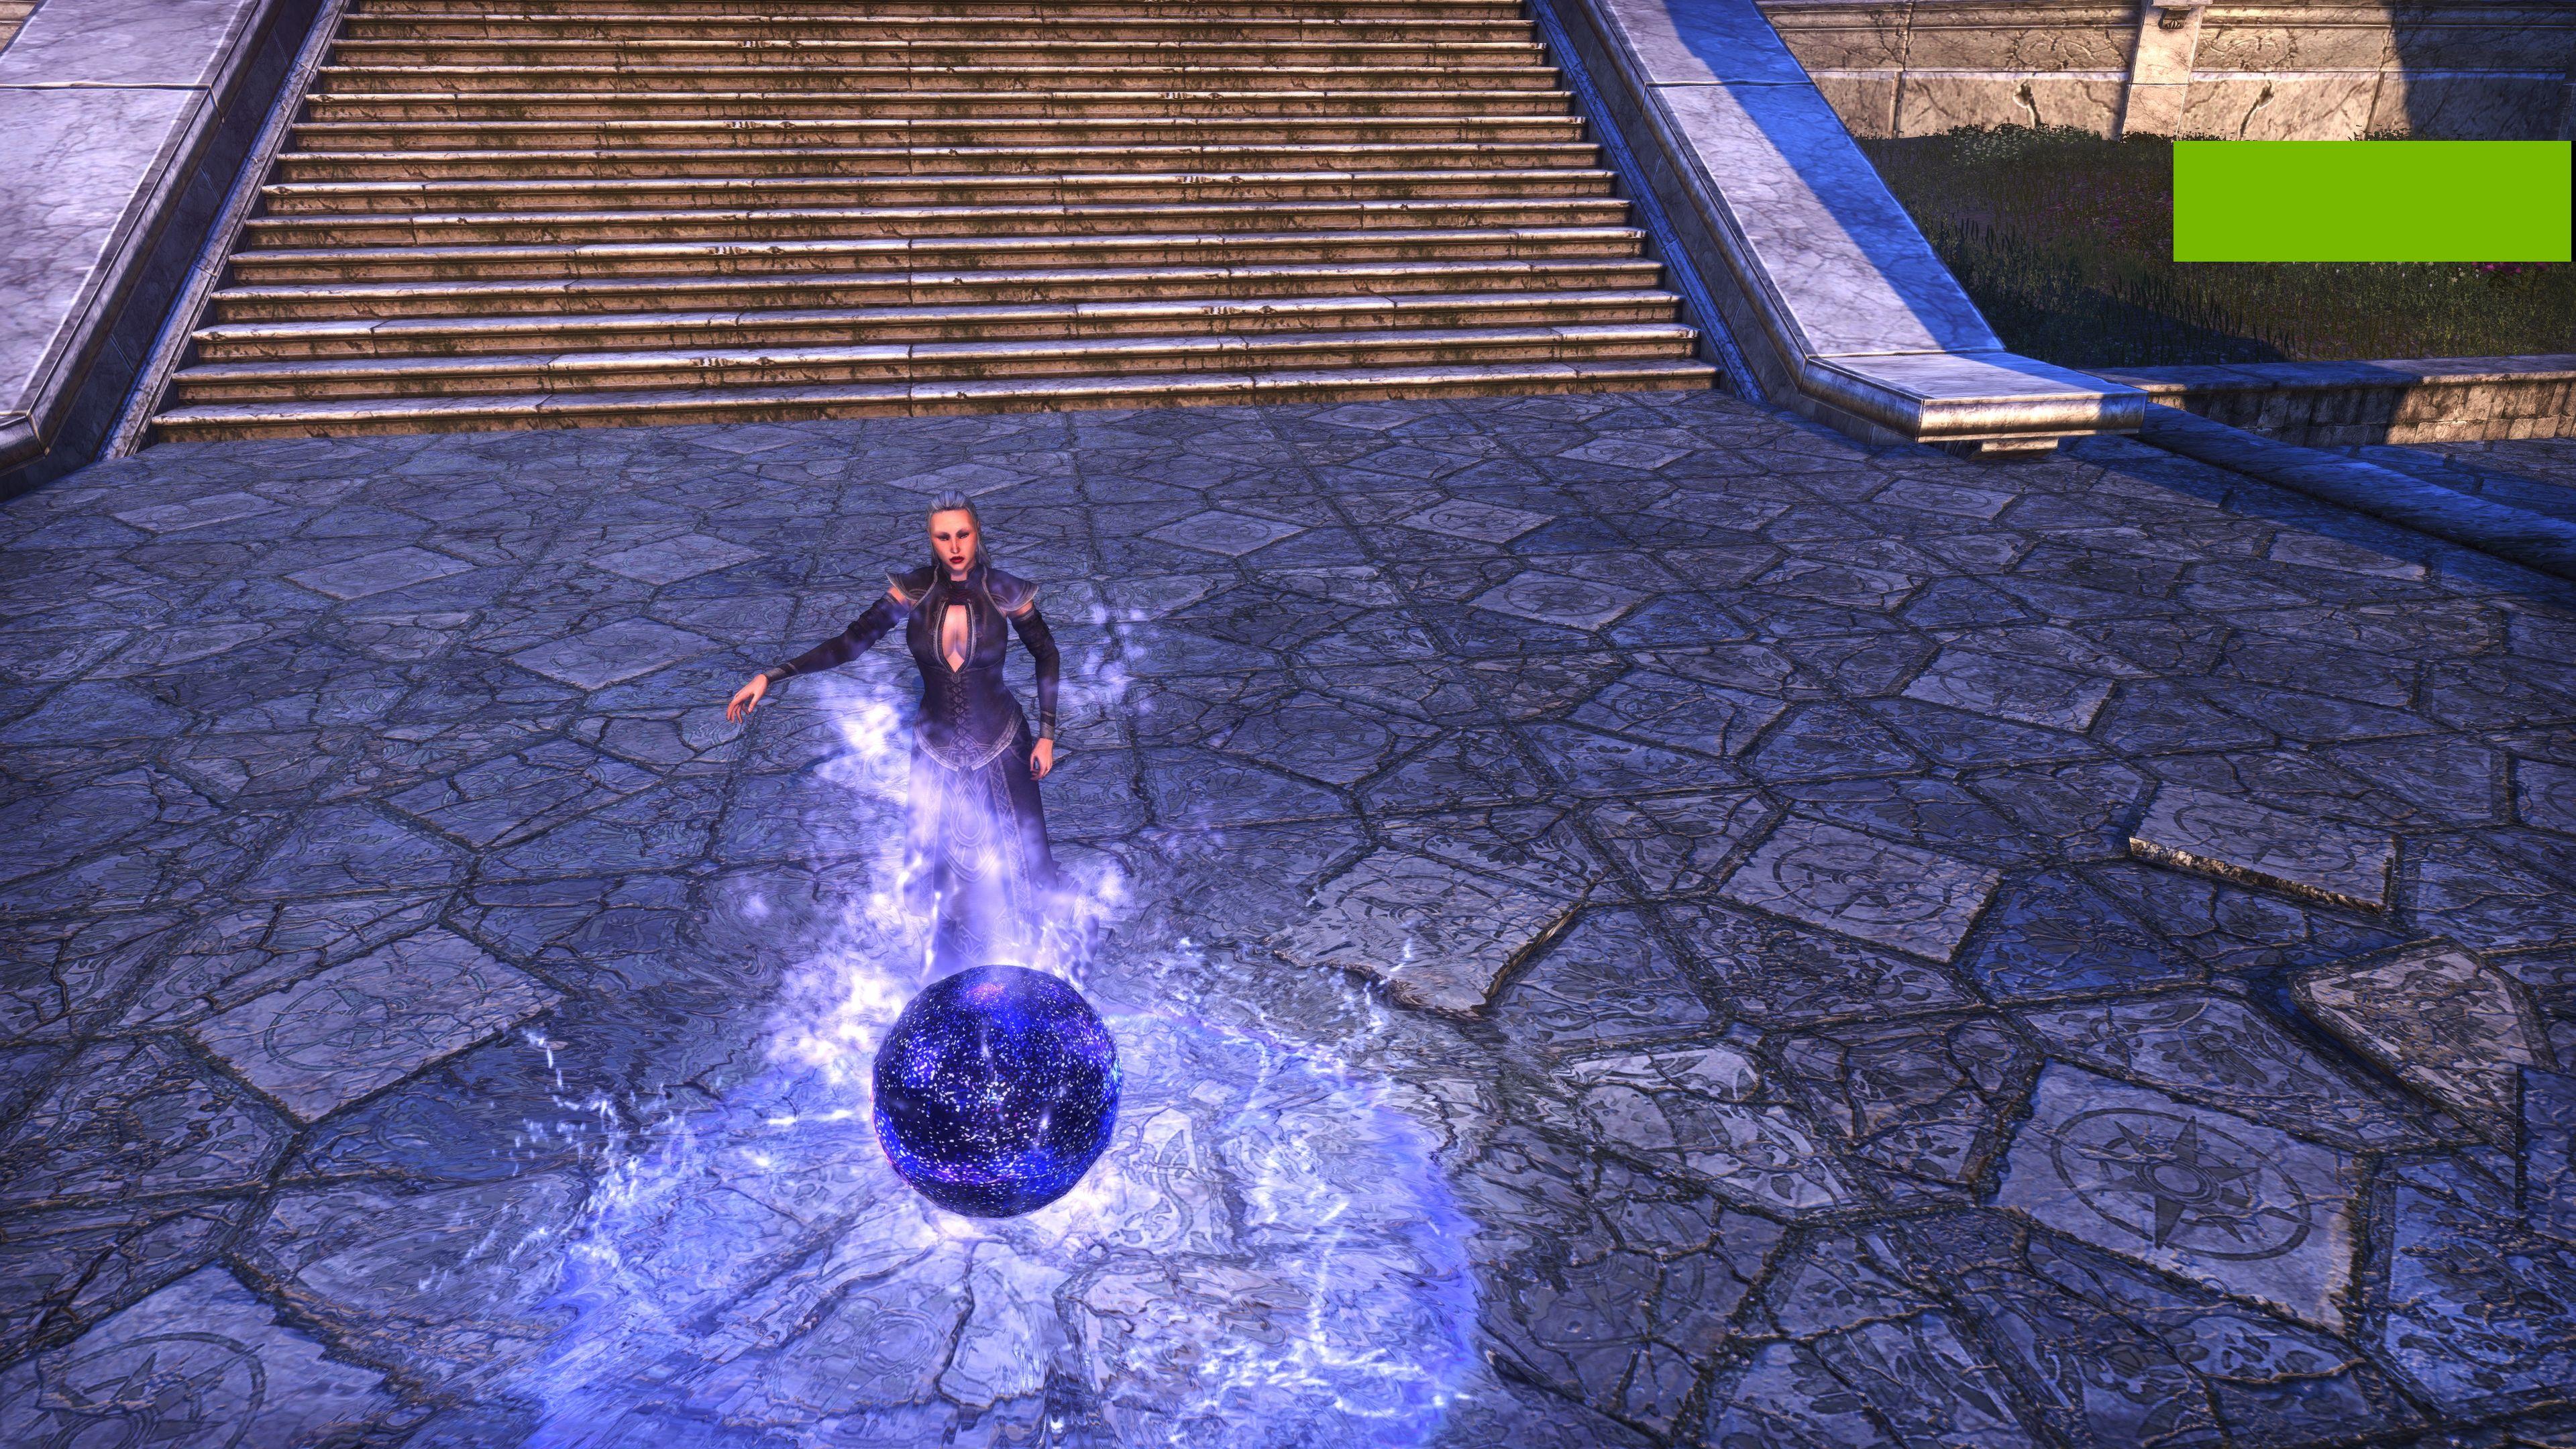 Psijic Celestial Orb (Memento), Psijic Vault Crate, The Elder Scrolls Online